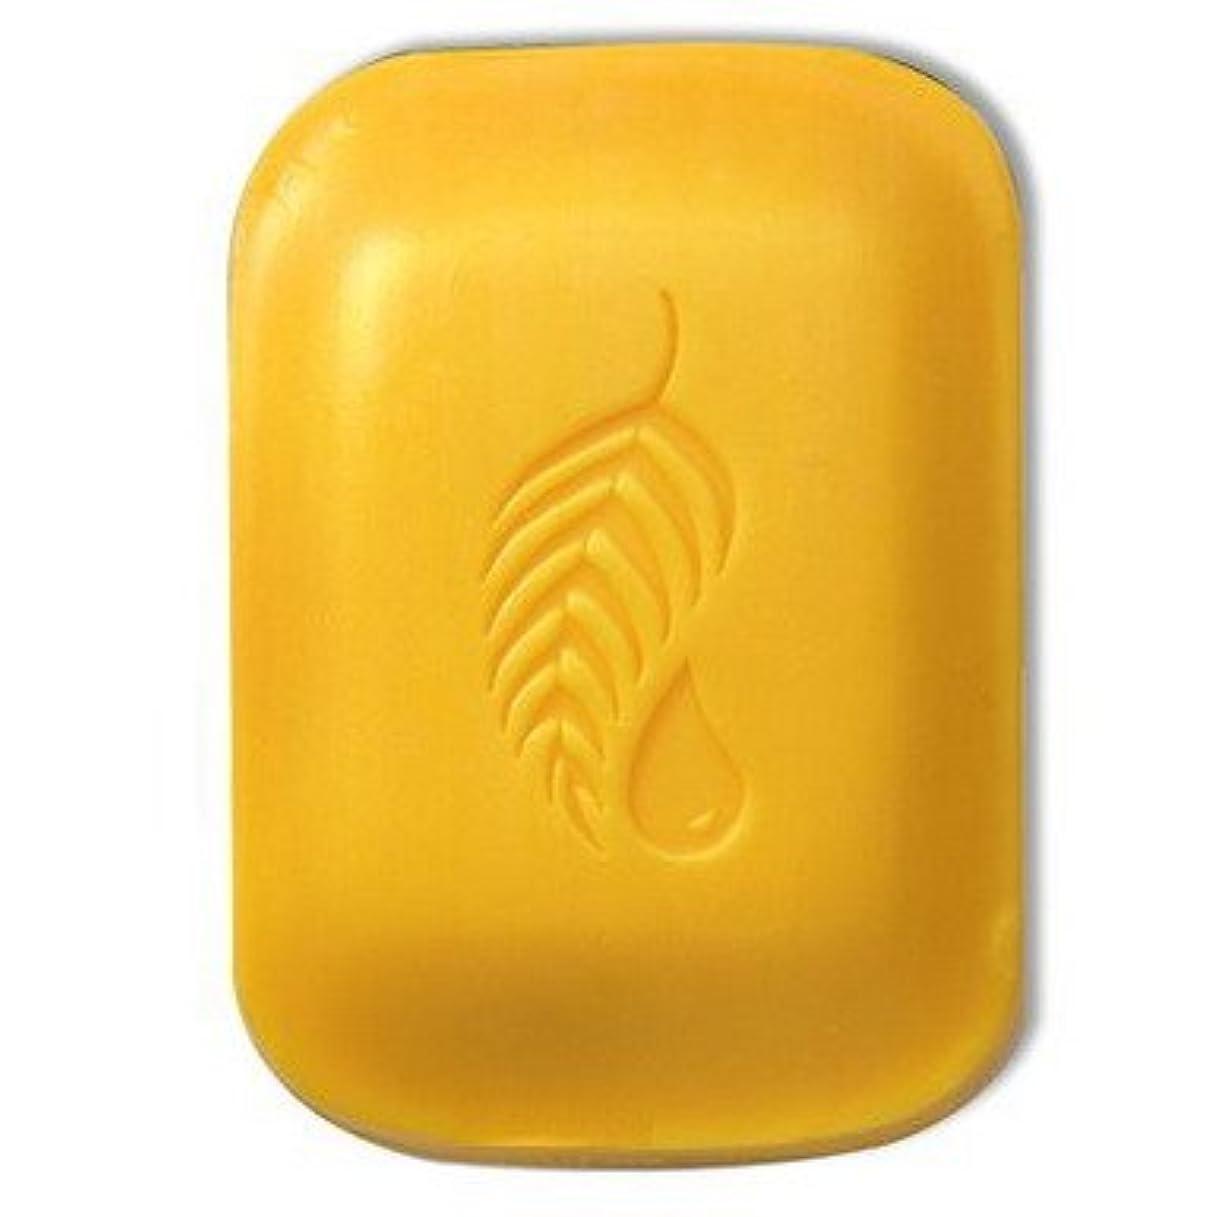 再生可能愛する電気【Melaleuca(メラルーカ)】ゴールド バー トライアルサイズ42.5g [並行輸入品]